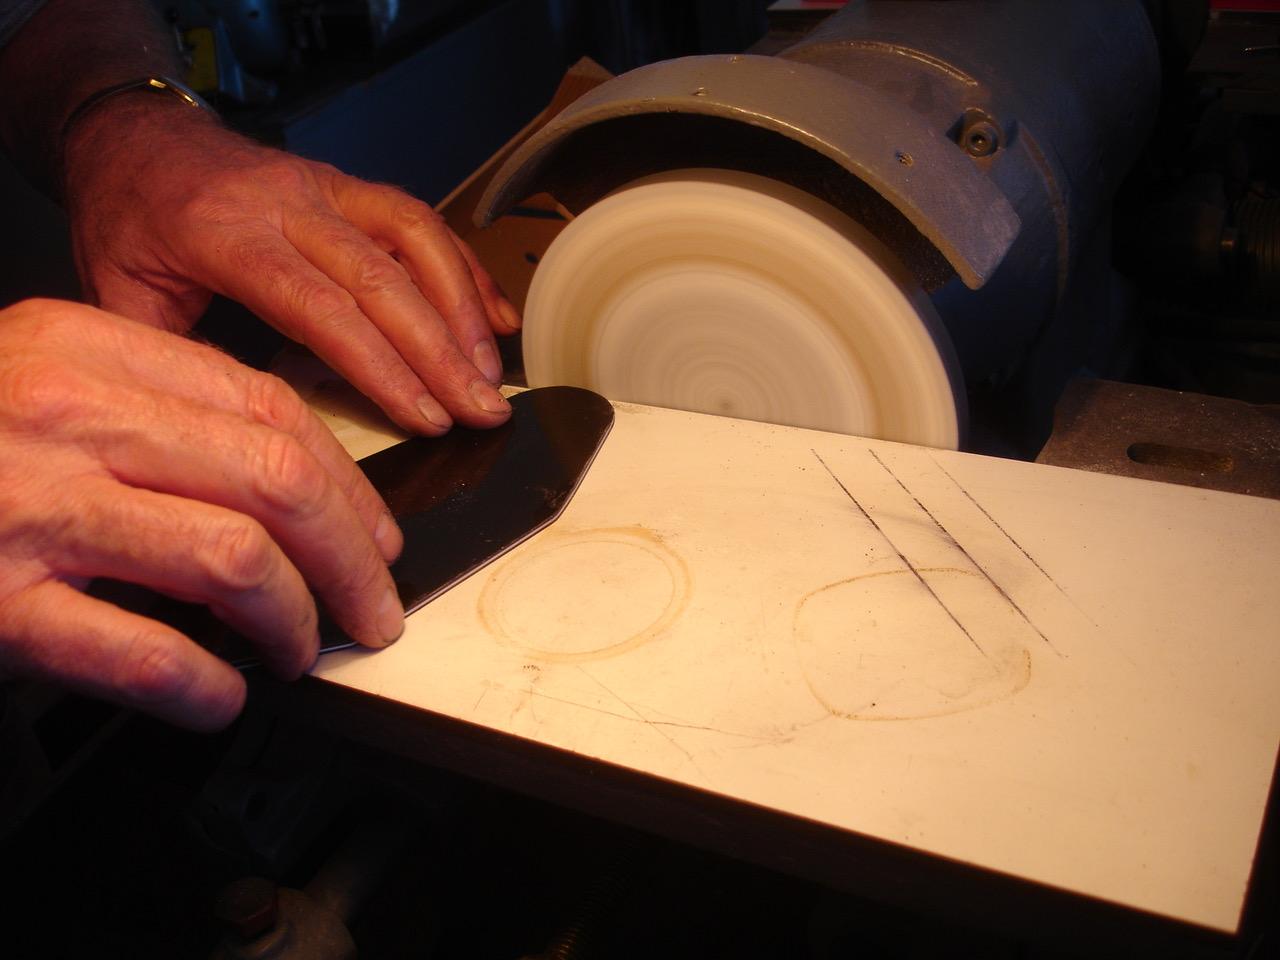 - Anhand der Schablone kann dann ein Deckel aus Pickguard-Material gefertigt und für den richtigen Sitz genau angepasst werden.